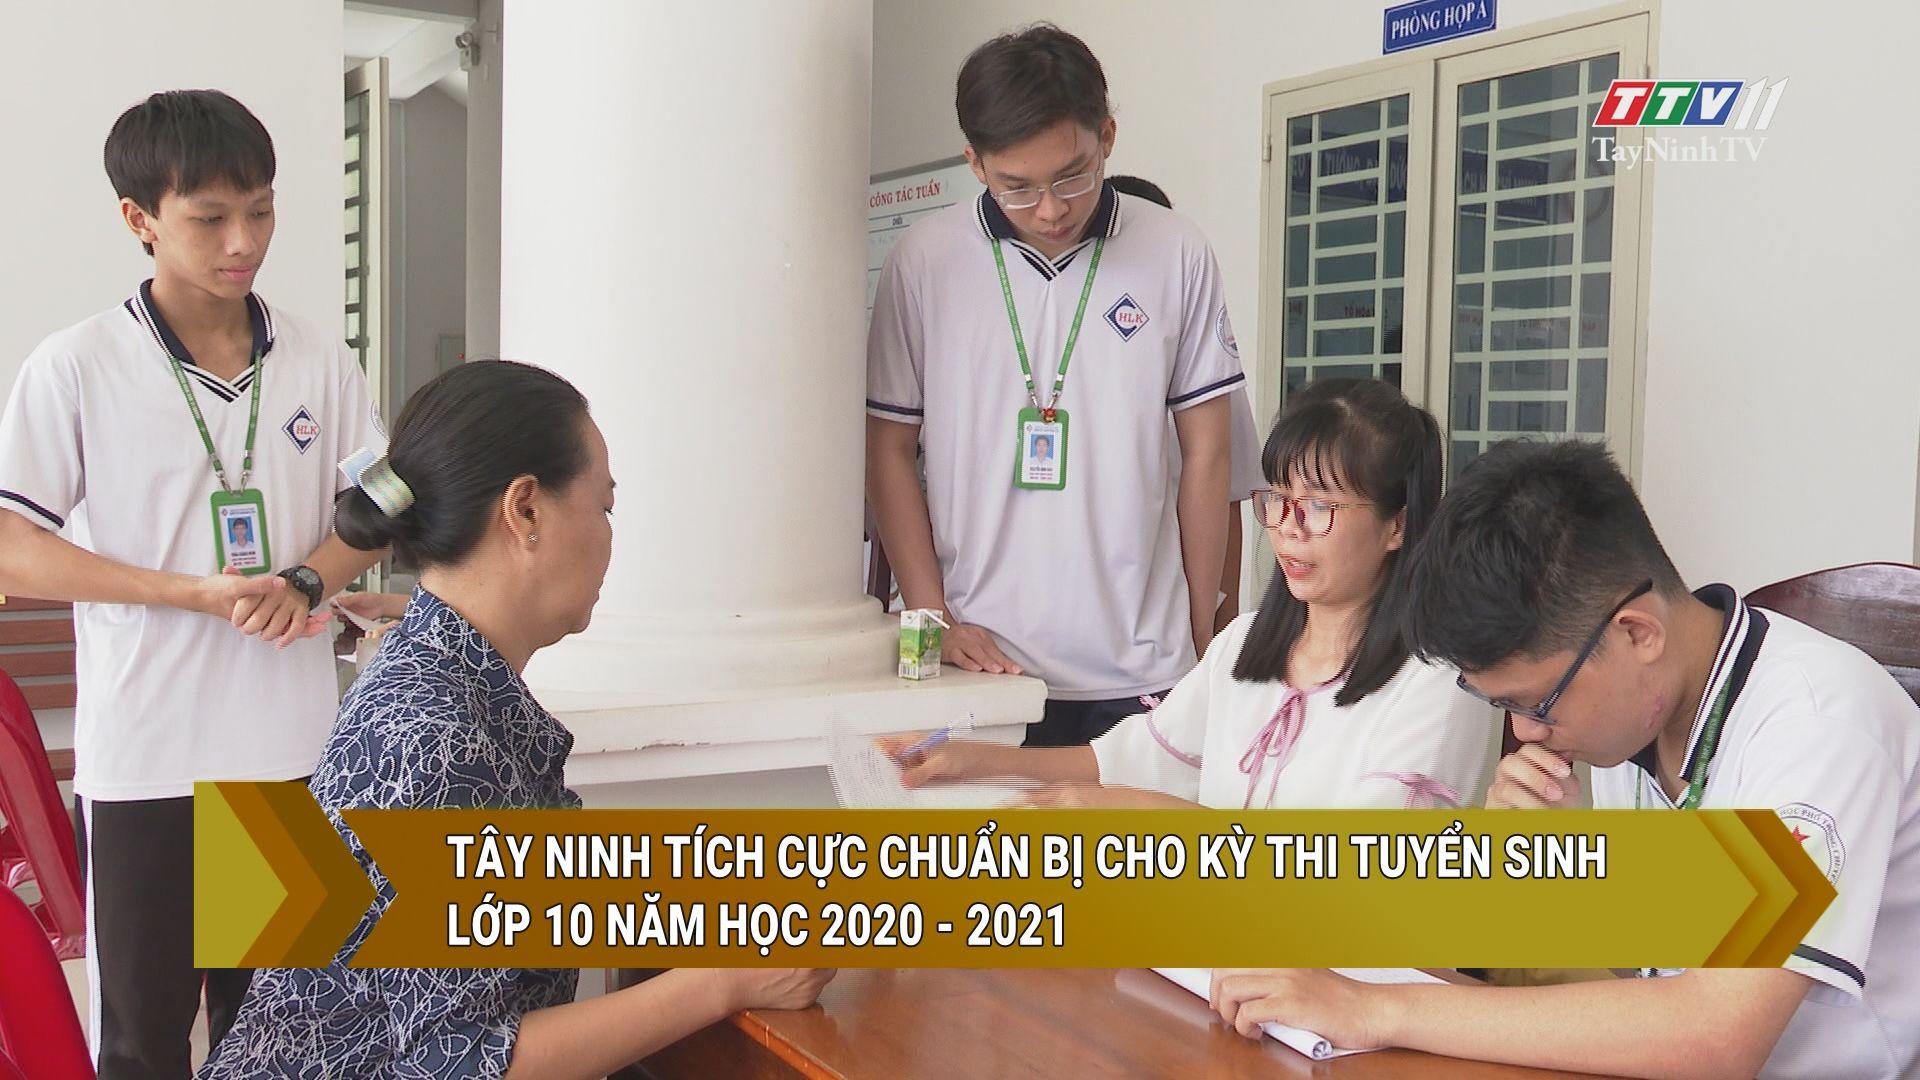 Tây Ninh tích cực chuẩn bị cho kỳ thi tuyển sinh lớp 10 năm học 2020 - 2021 | GIÁO DỤC VÀ ĐÀO TẠO | TayNinhTV